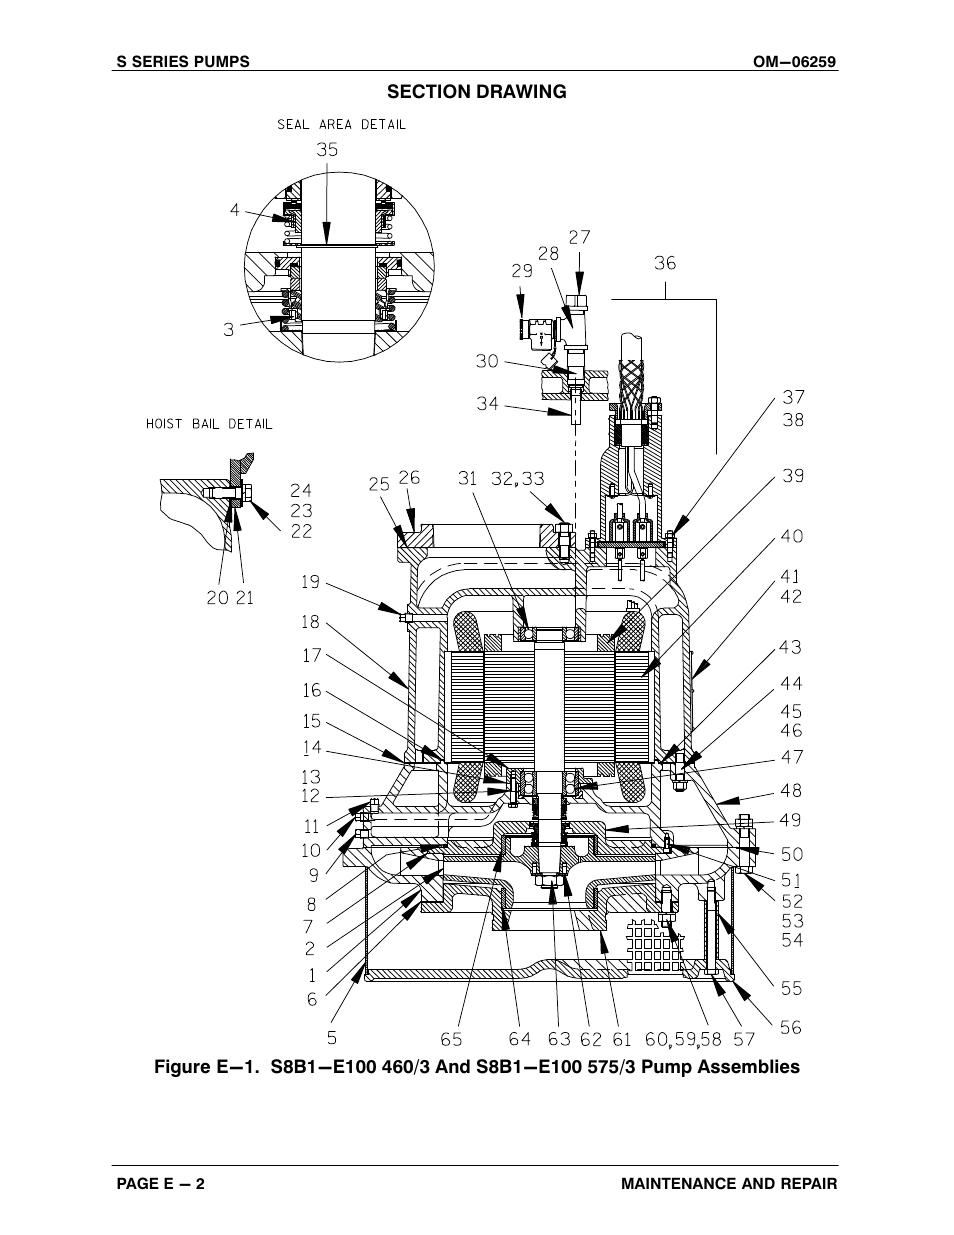 Gorman-Rupp Pumps S8B1-E100 460/3 1432260 and up User